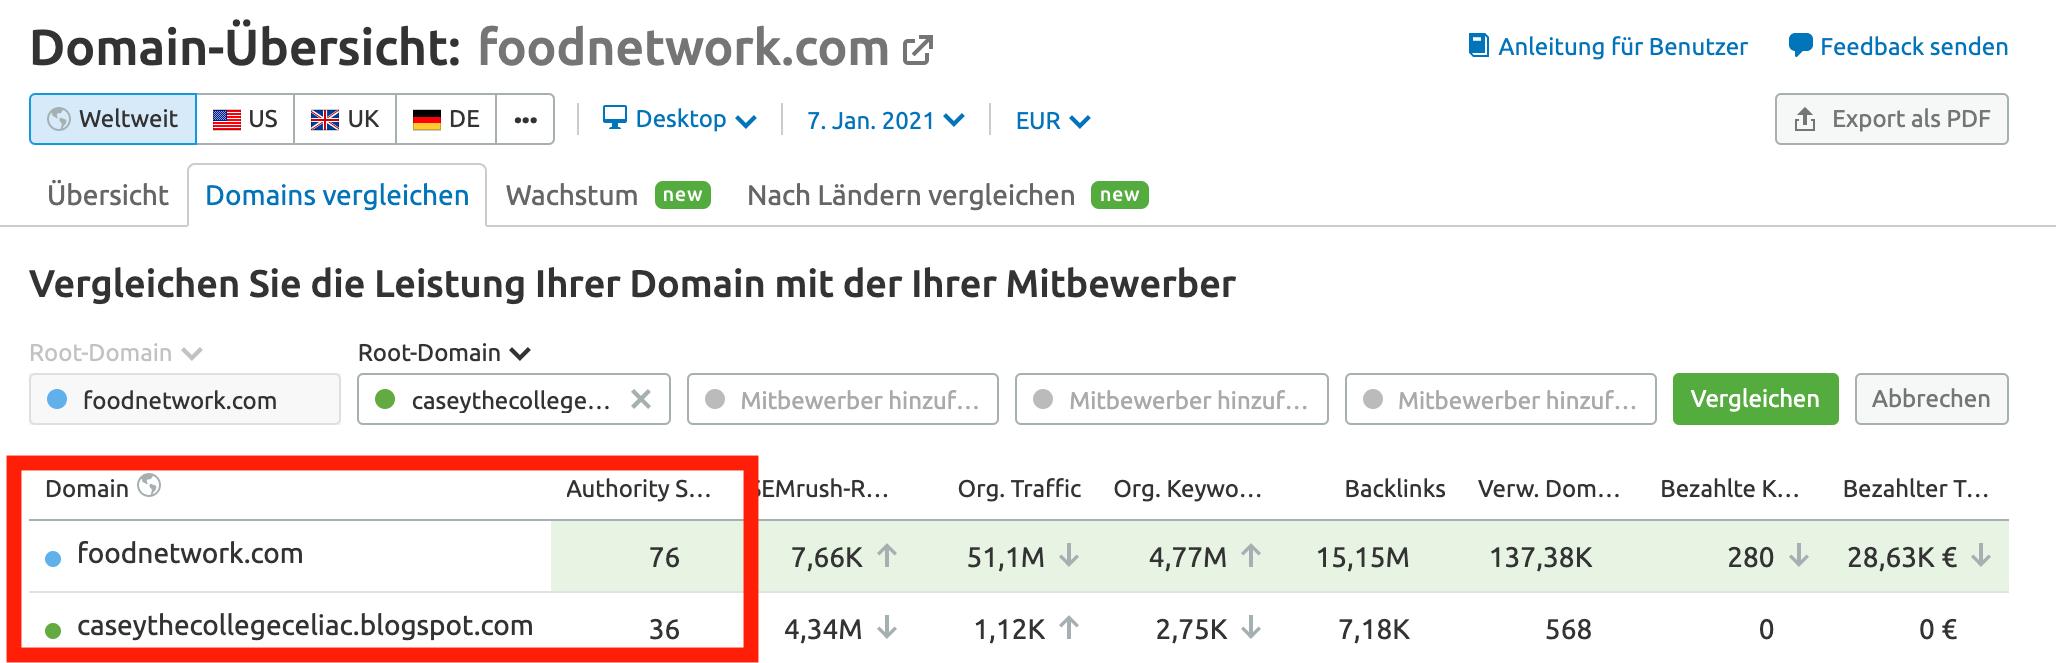 Domain-Übersicht Daten